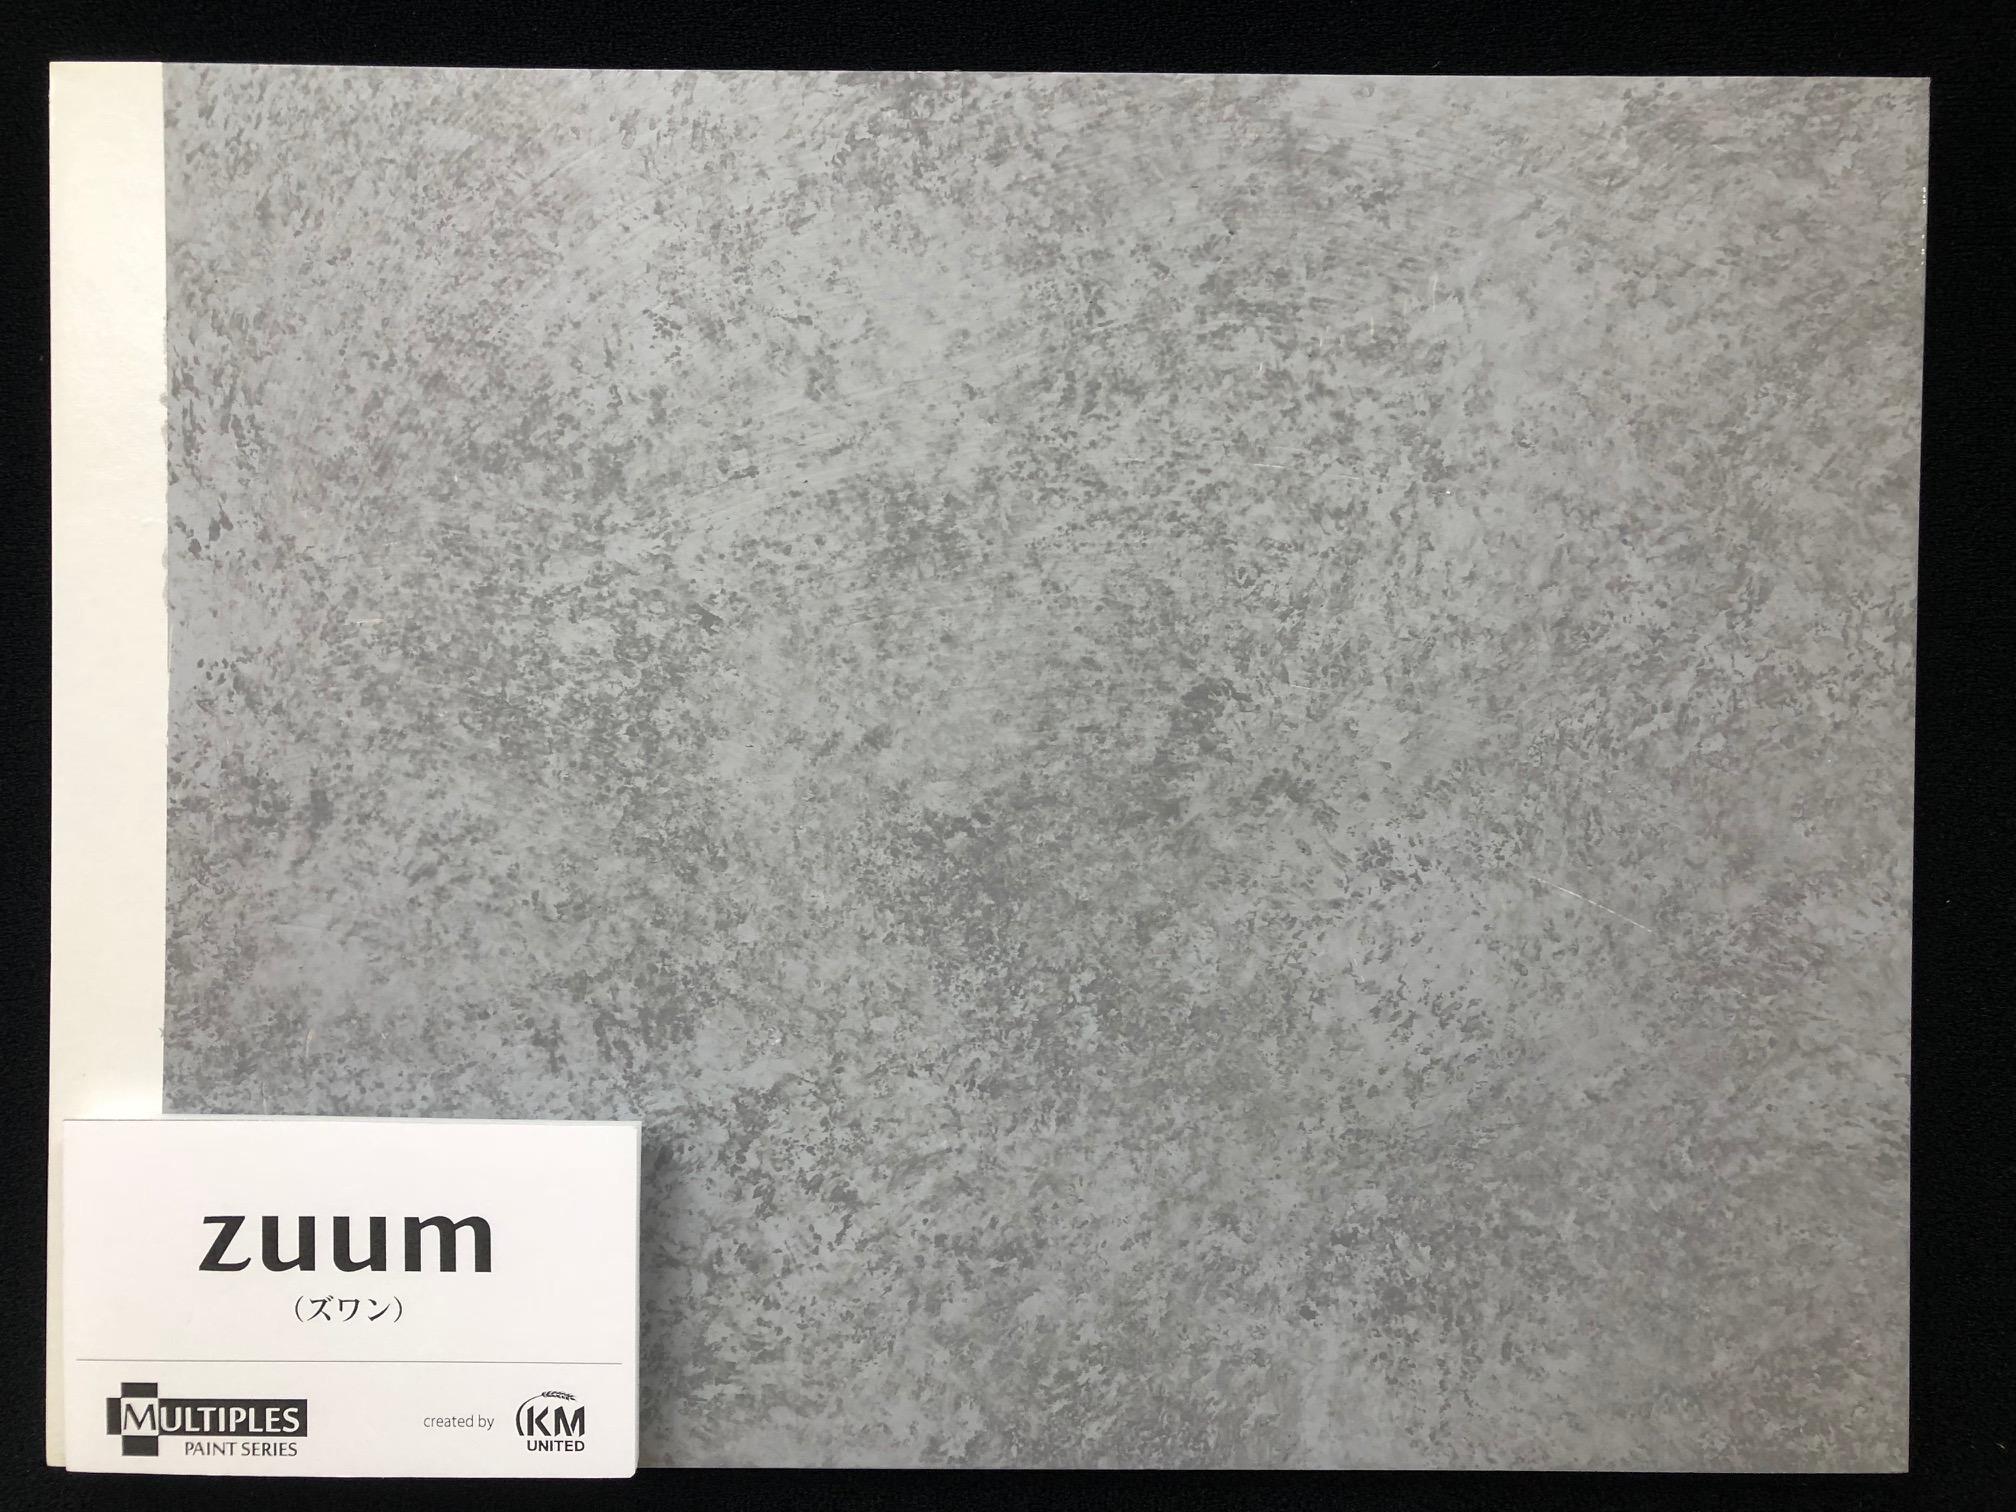 zuum(ズワン)